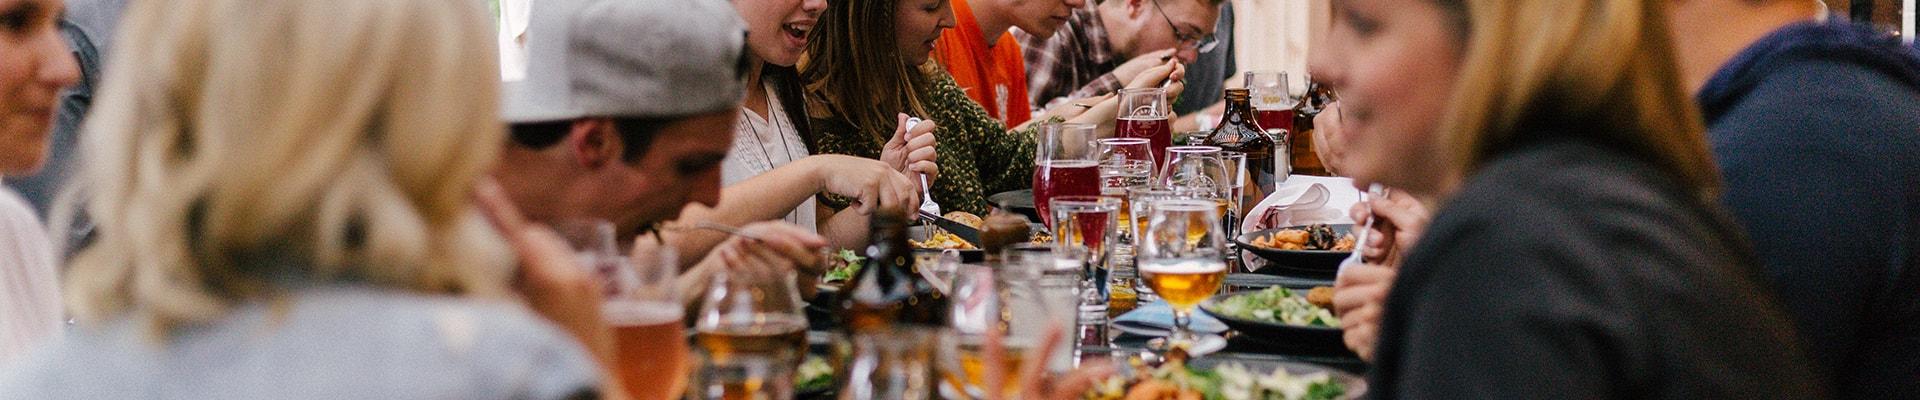 Curso de Como Vender e Ganhar Dinheiro com Cervejas Especiais